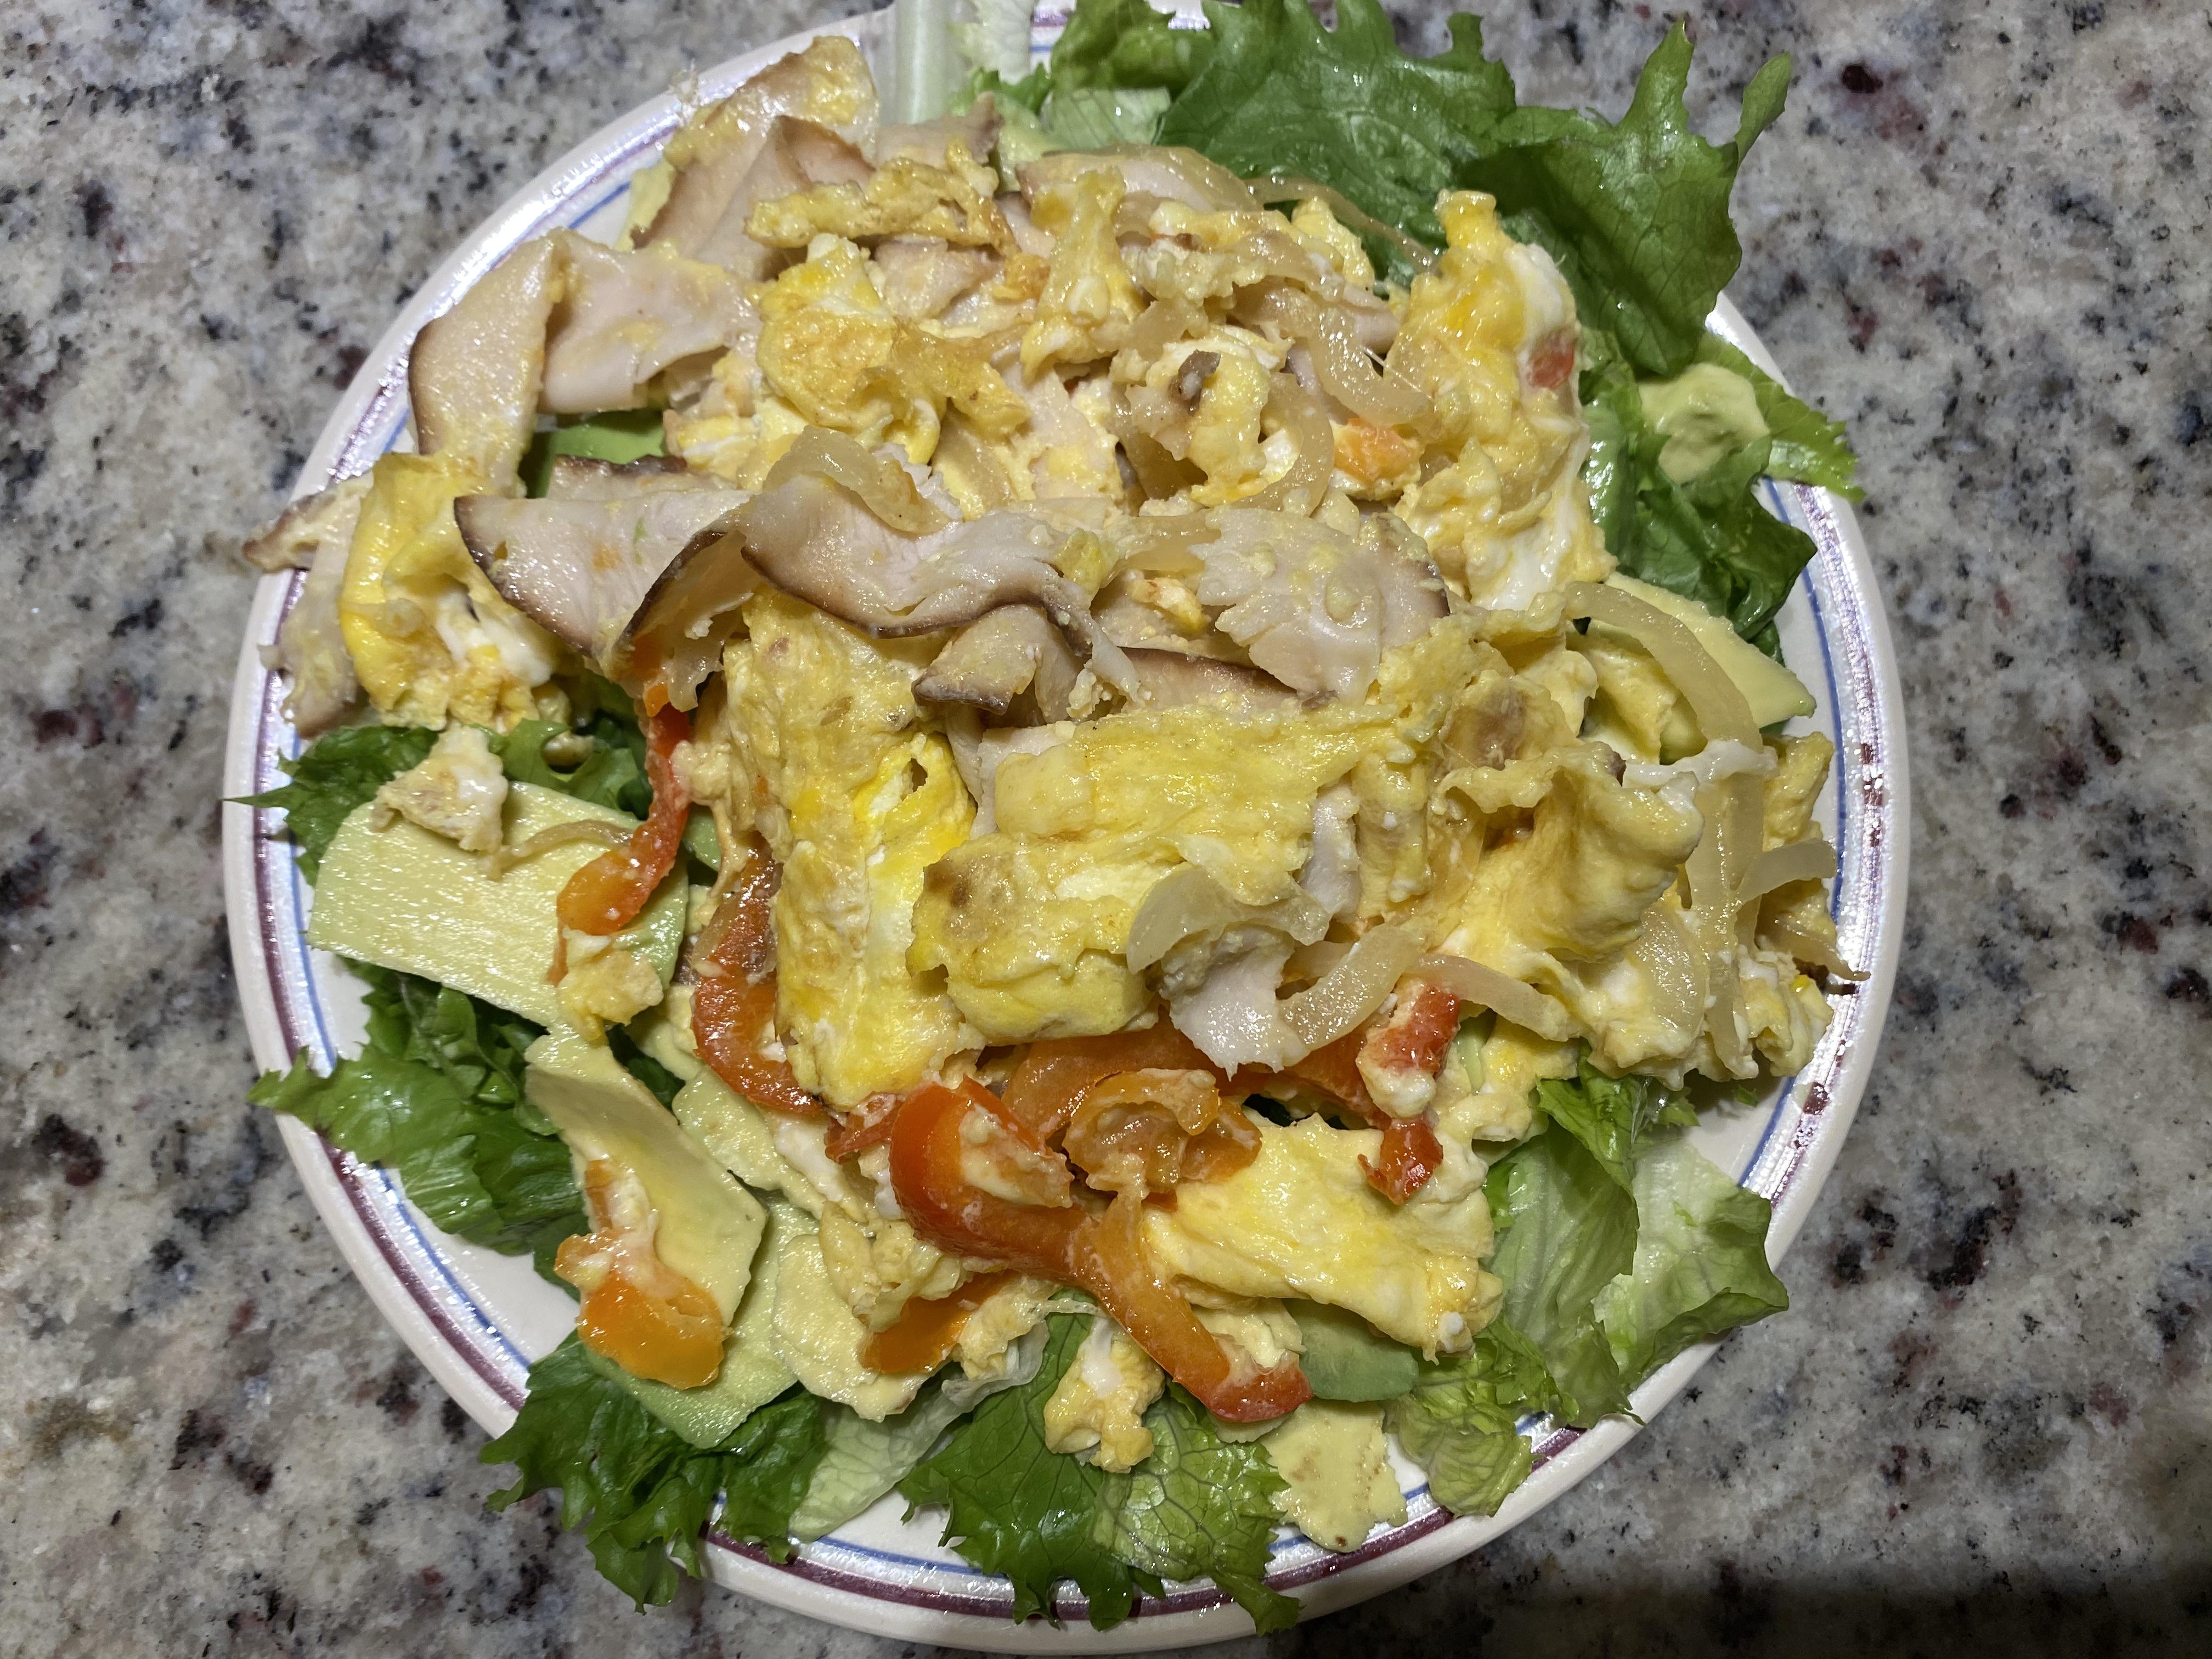 Lettuce  Avocados Egg salad